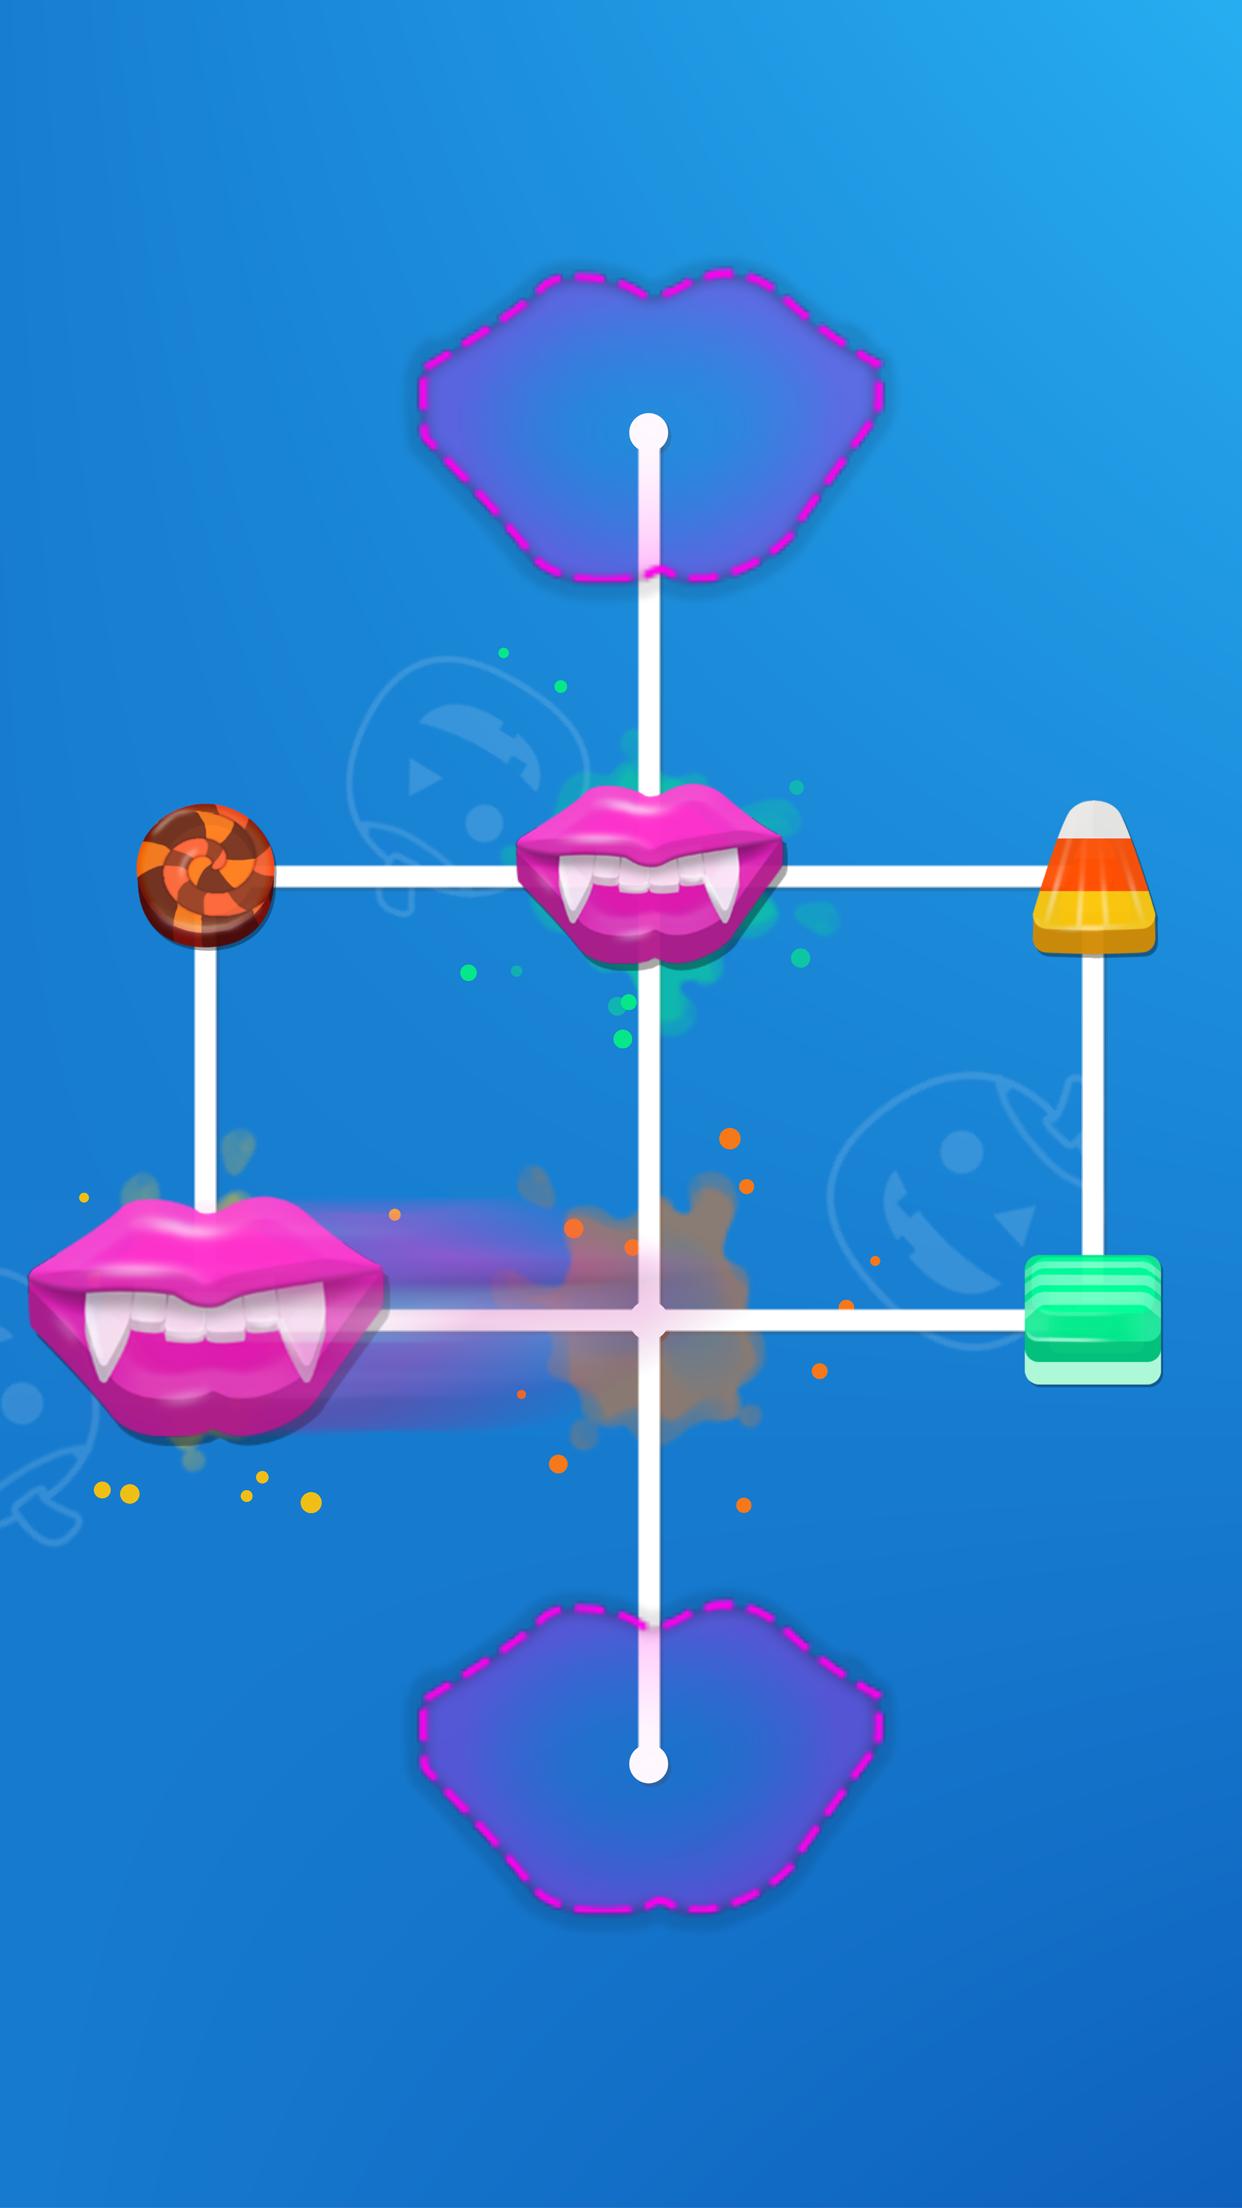 PuzzlepopsToTScreenshot2.png